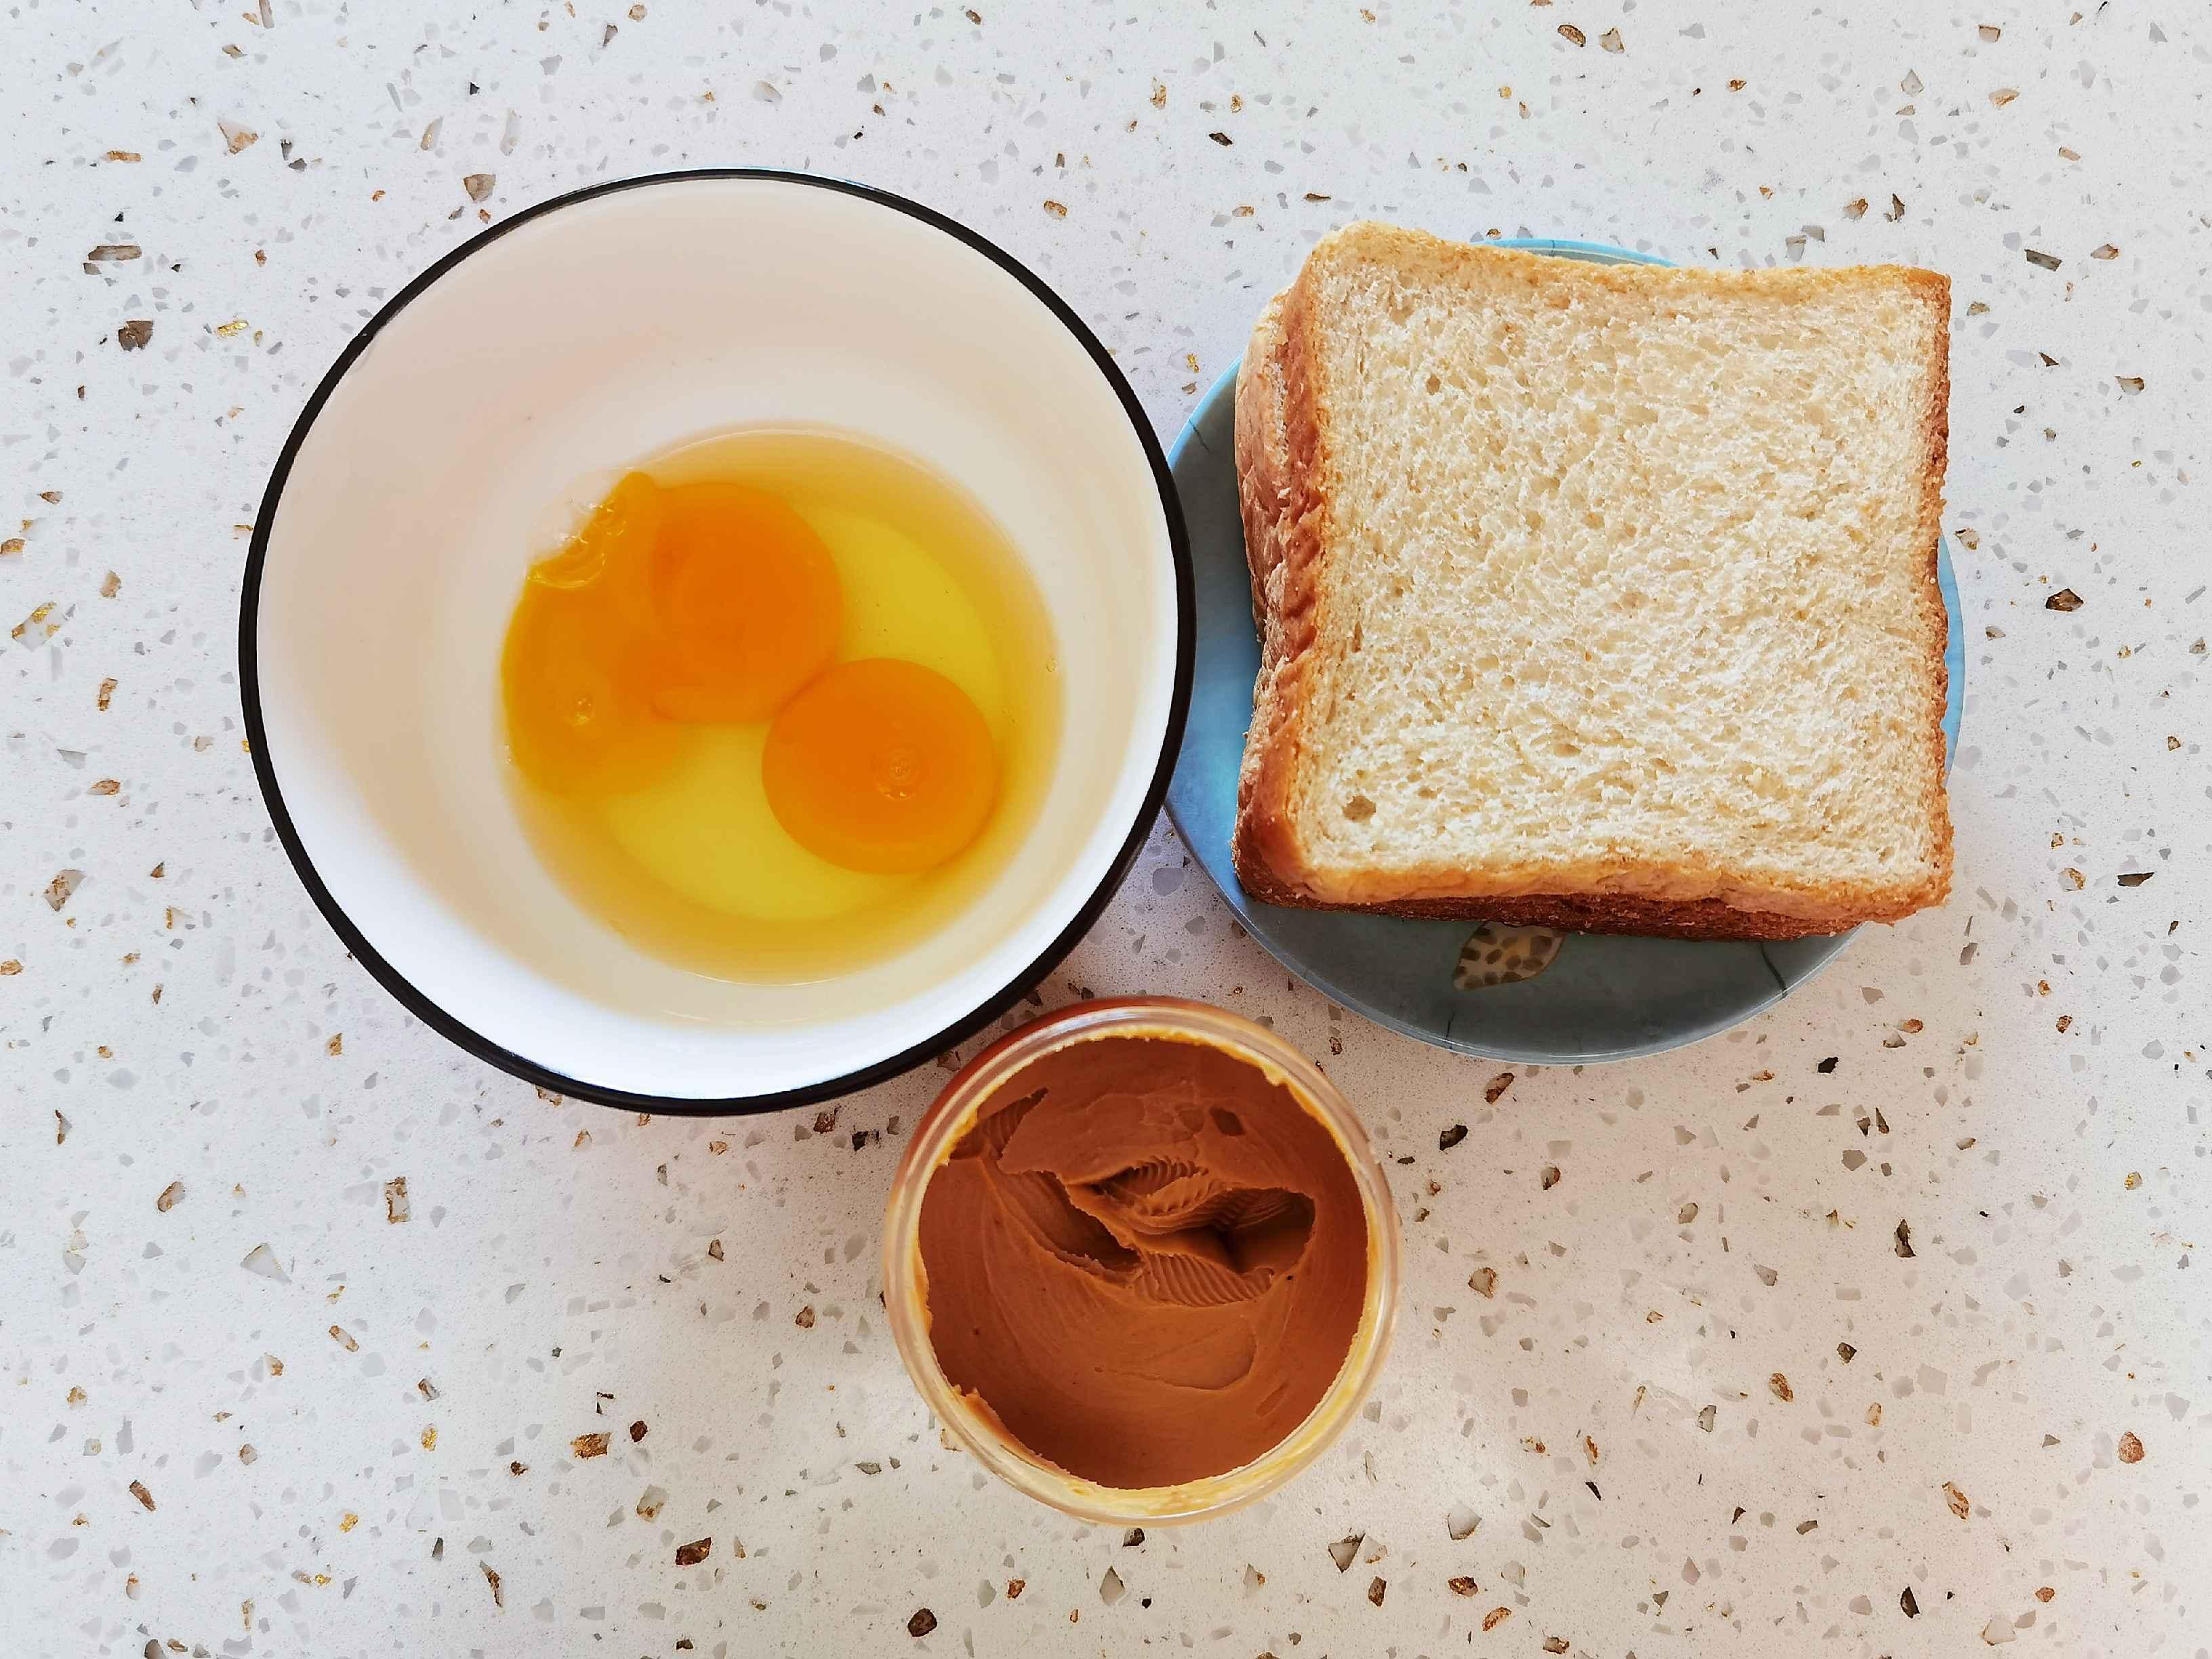 花生酱全麦小方面包,10分钟搞定的低糖营养早餐的做法大全